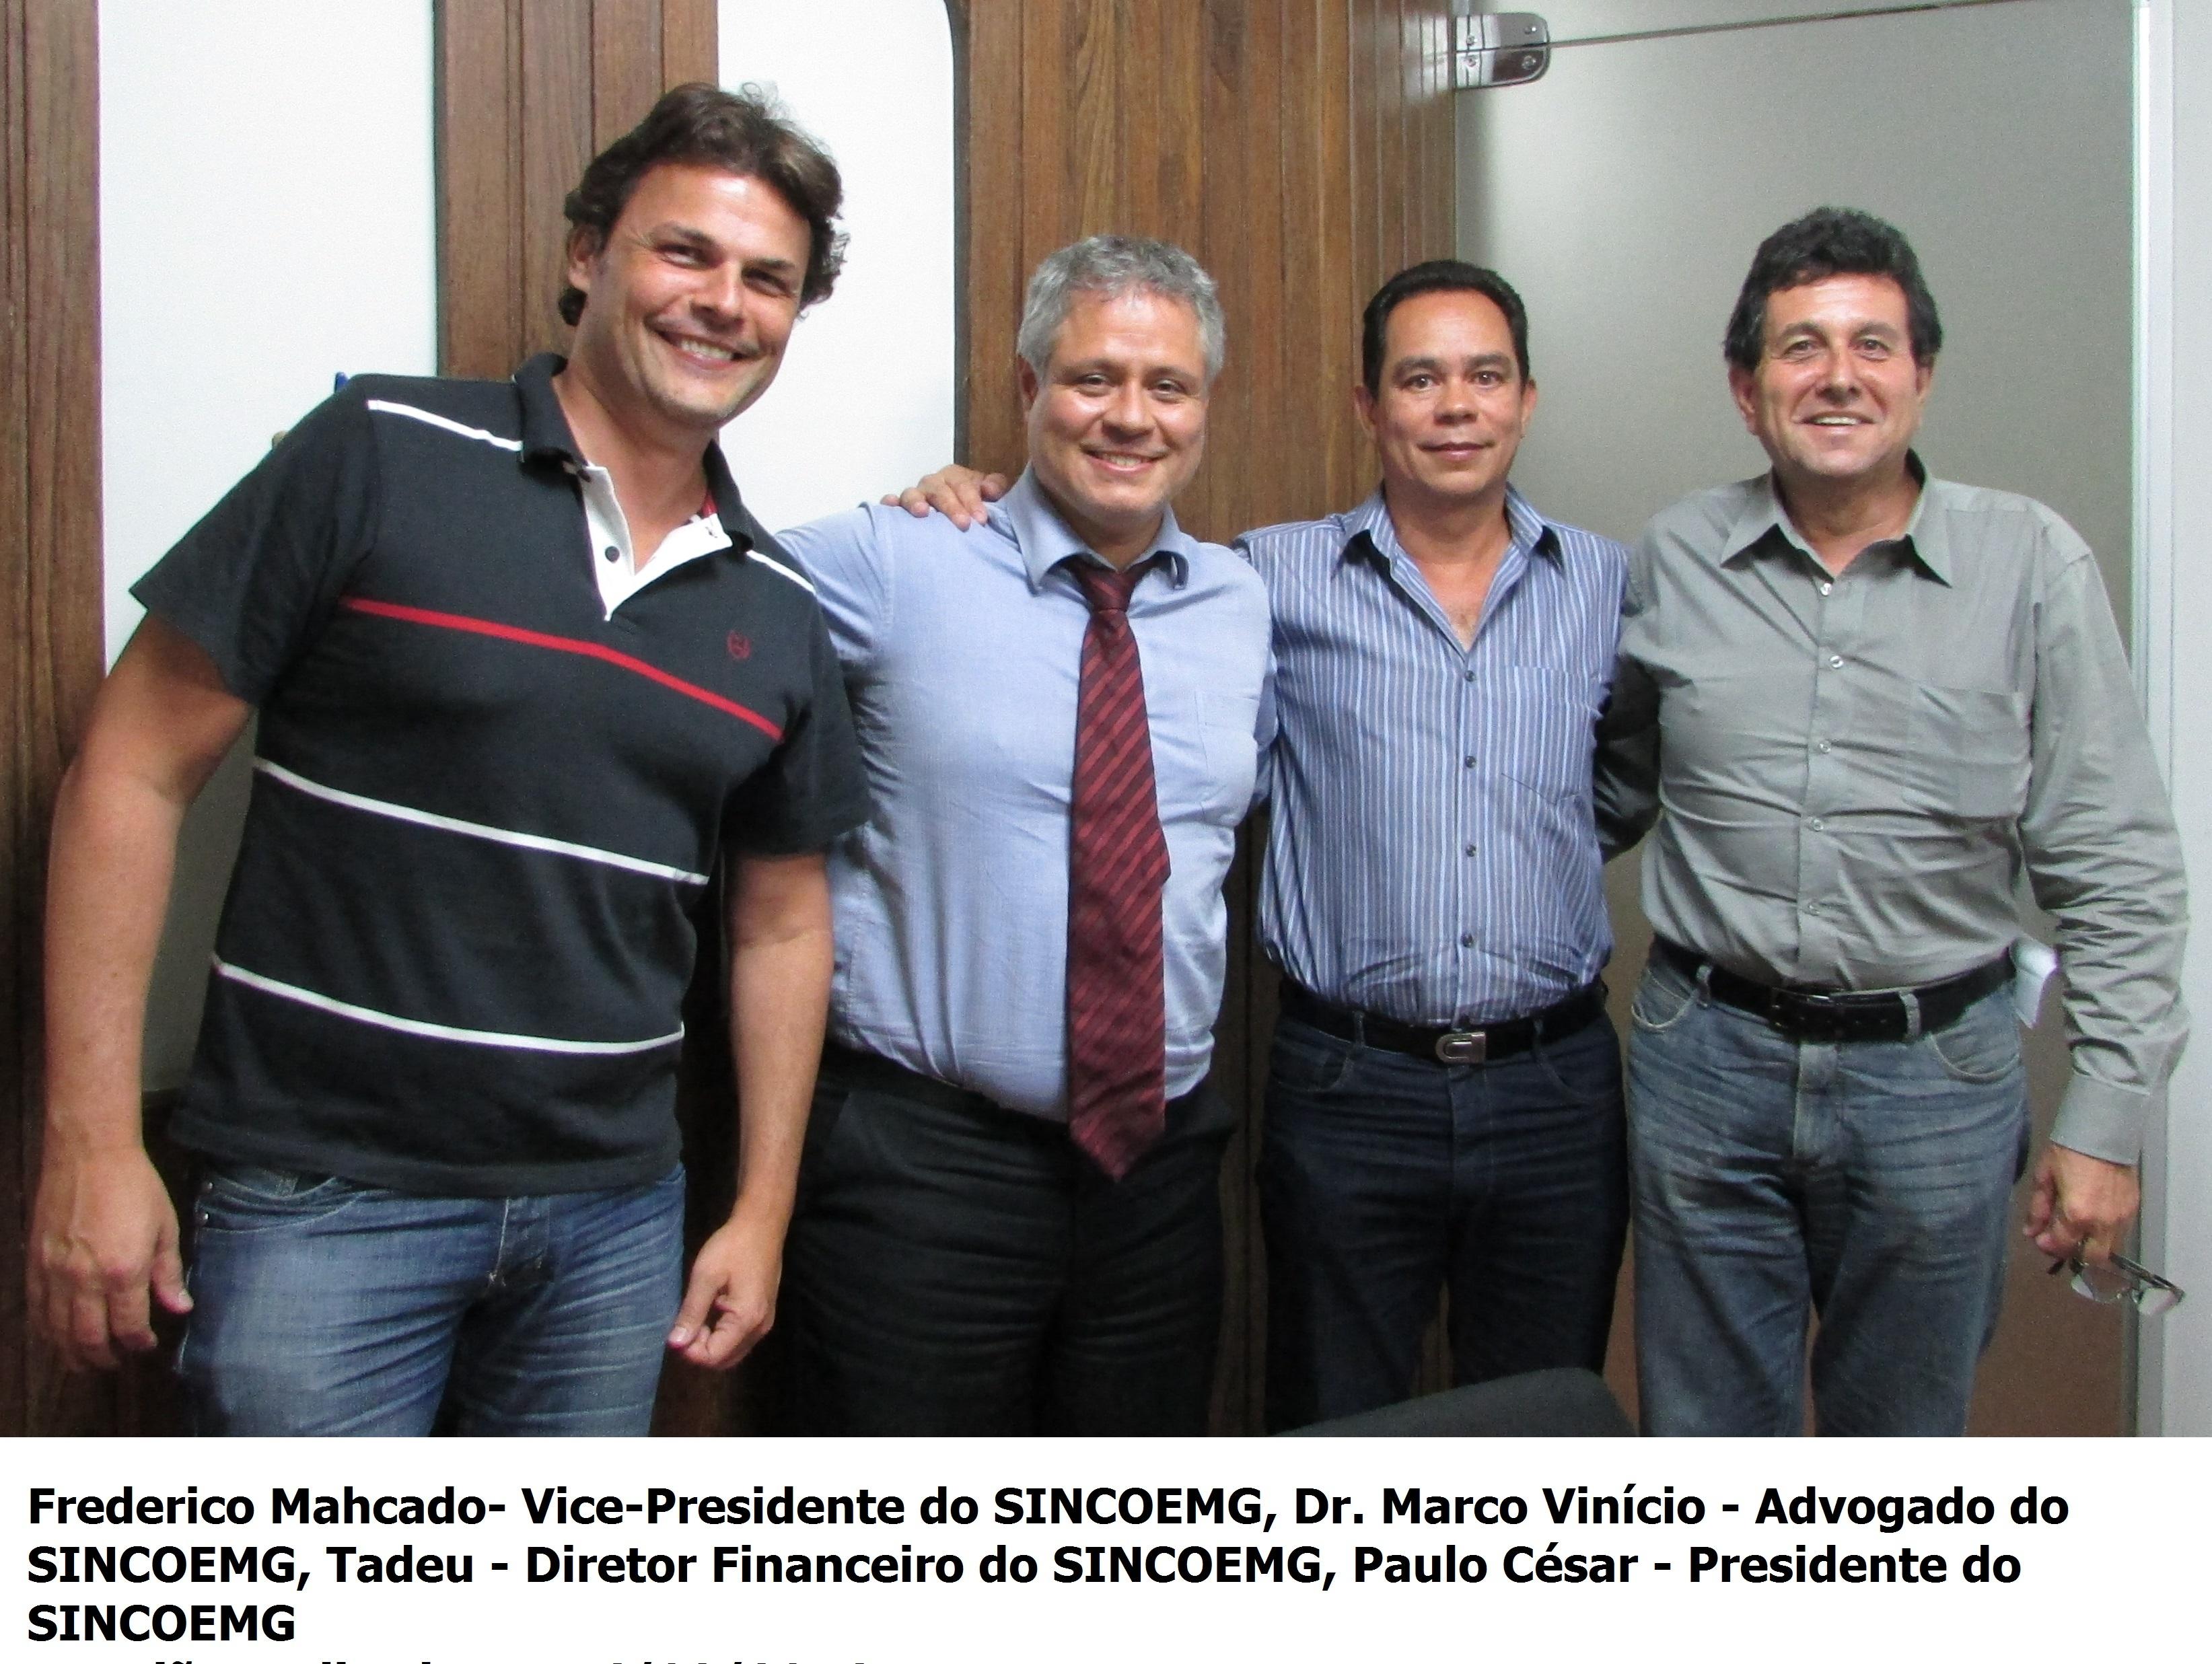 DIRETORIA DO SINCOEMG E DR. MARCO.jpg